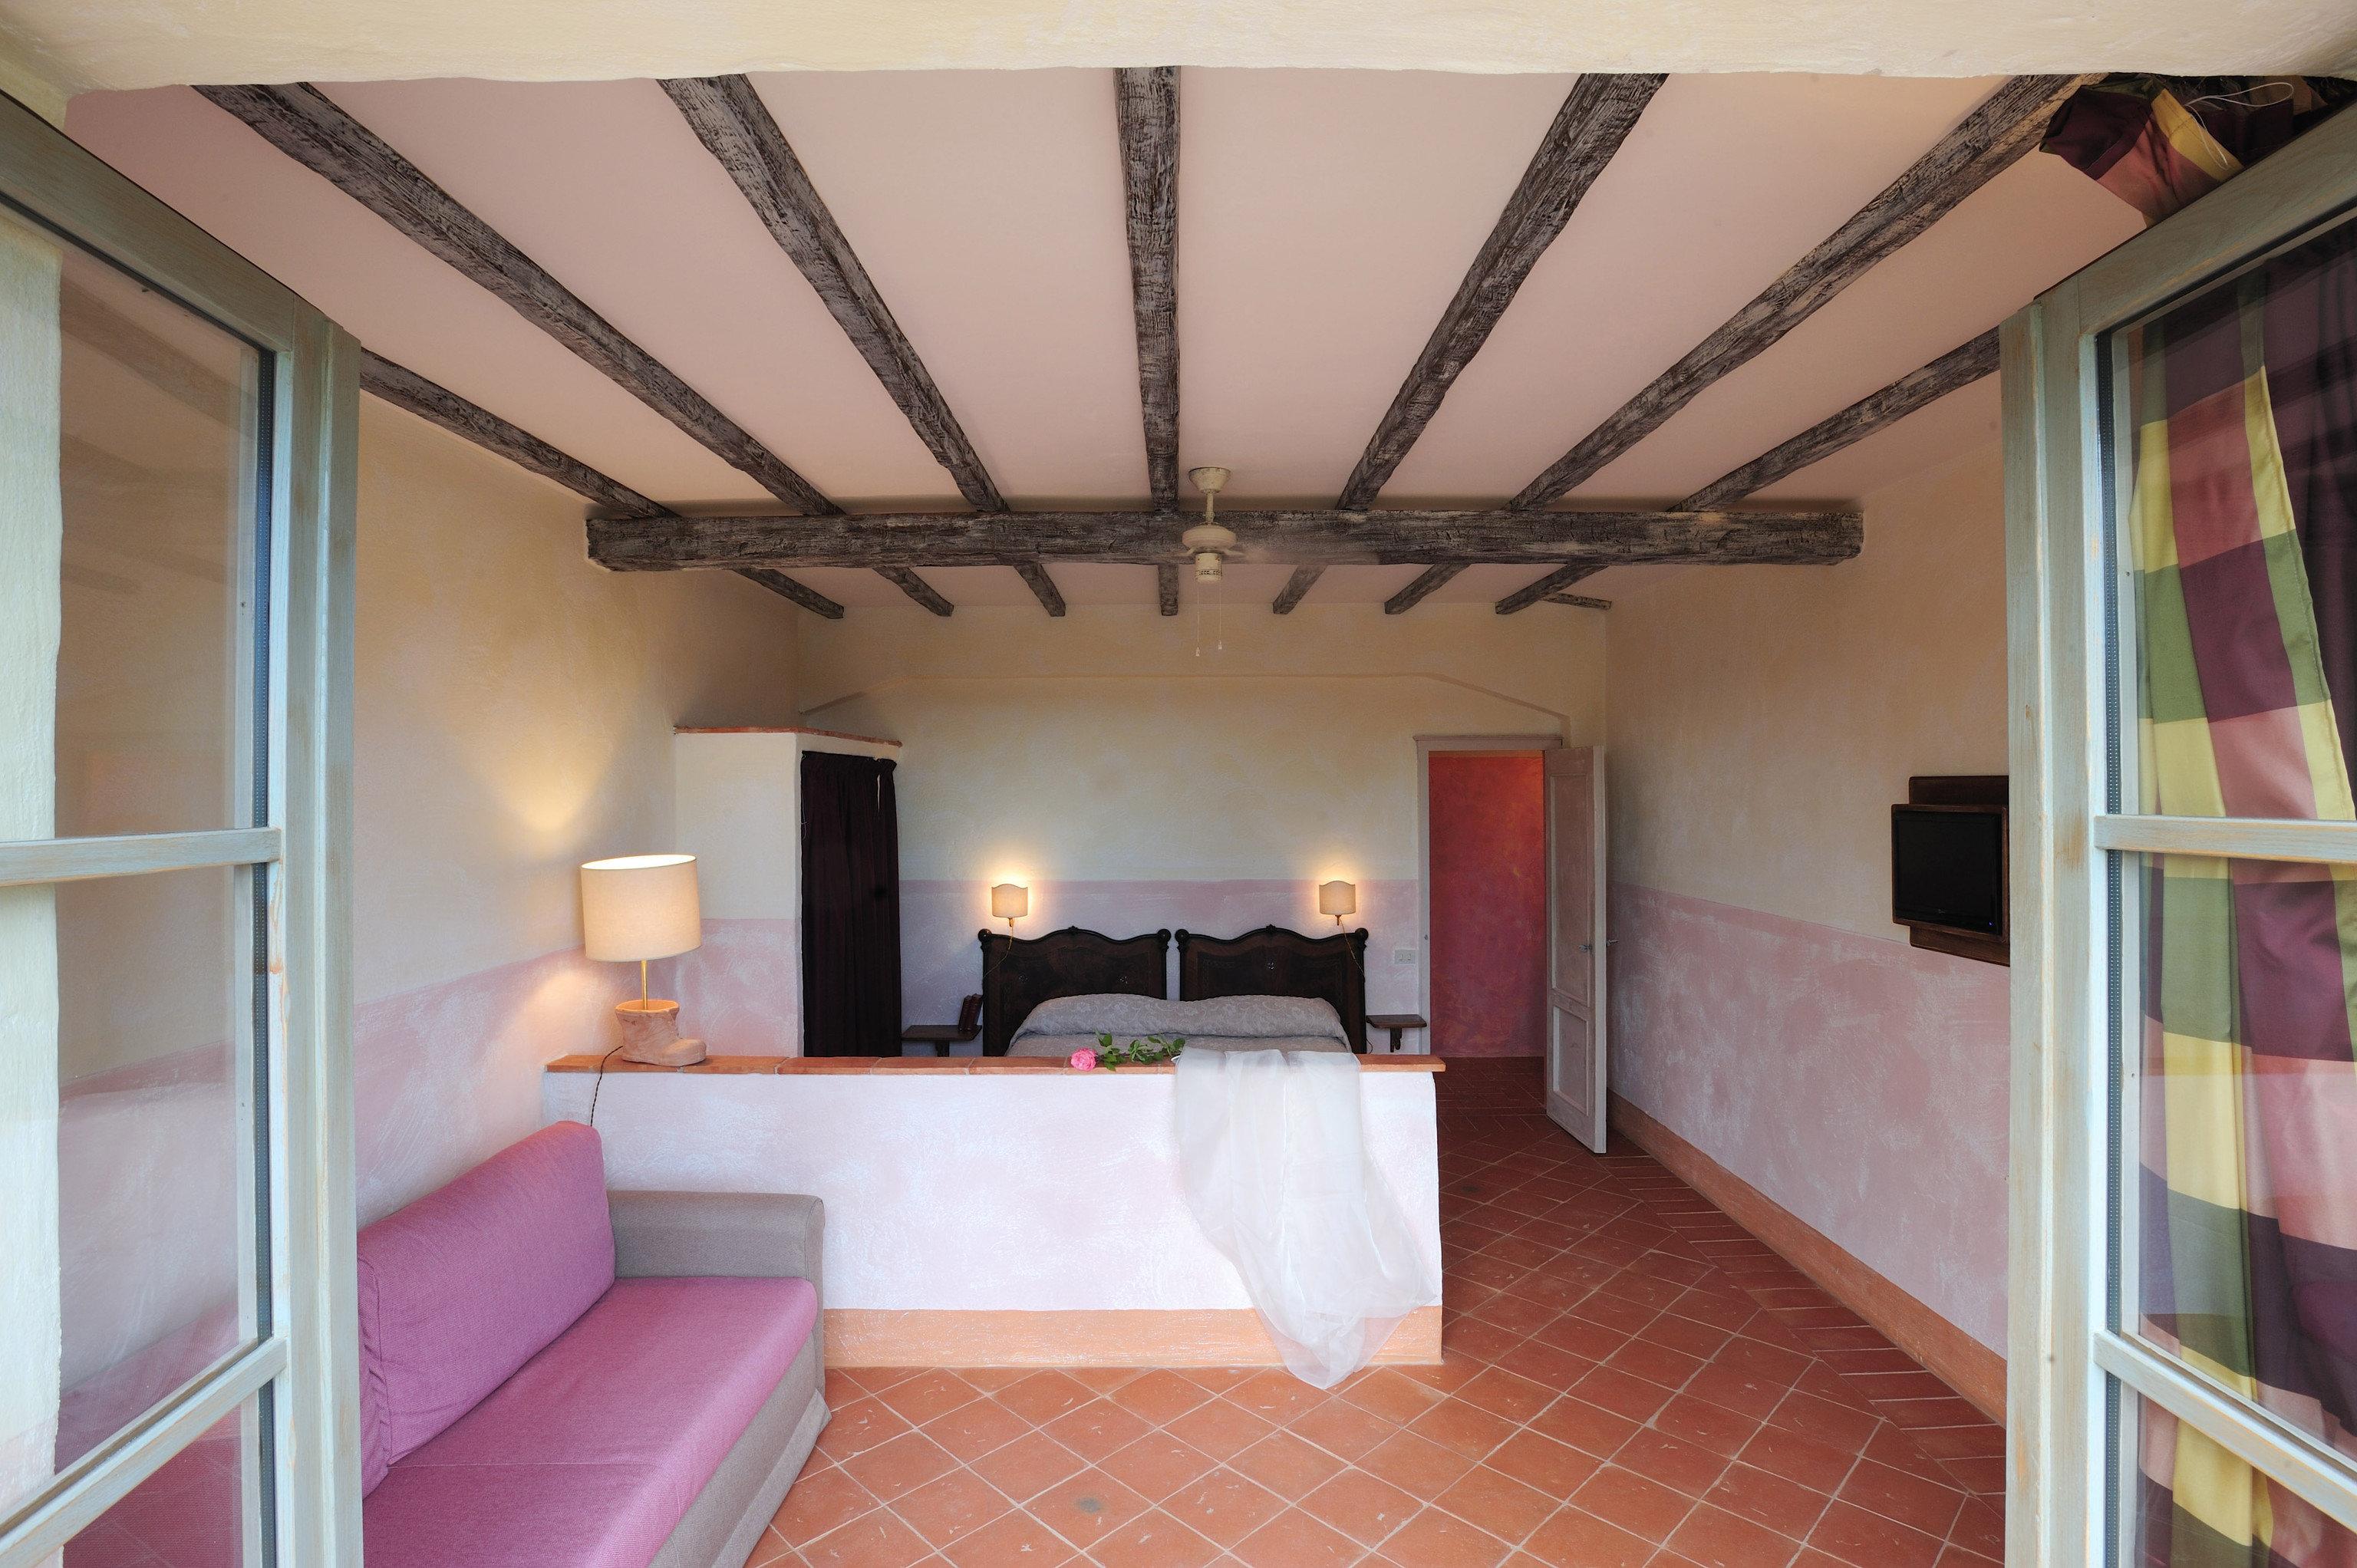 property building Villa cottage Bedroom living room loft tiled